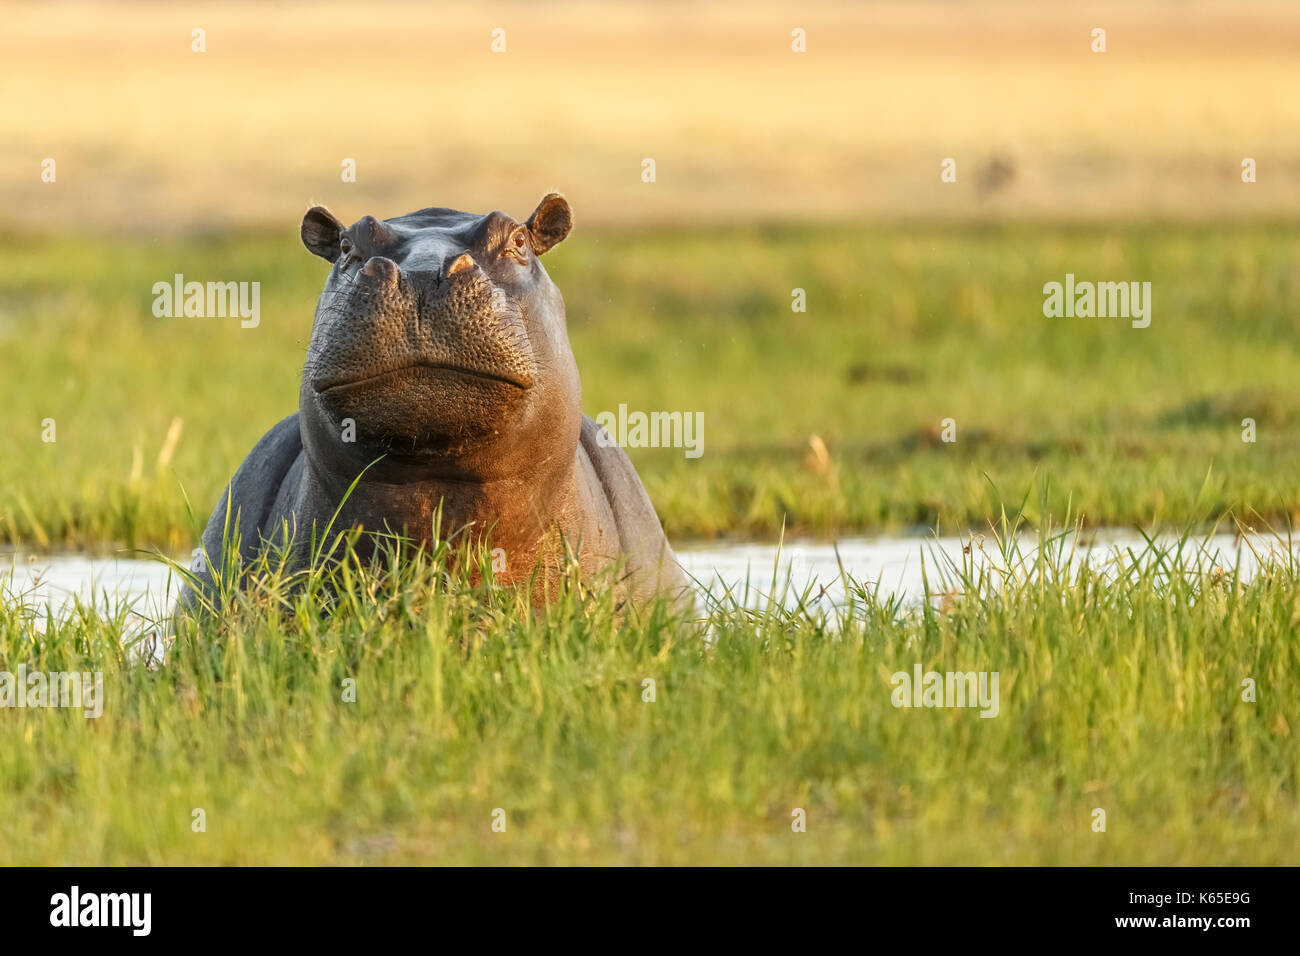 Hippo, (Hippopotamus amphibious) challenging in Kwai river, Botswana - Stock Image